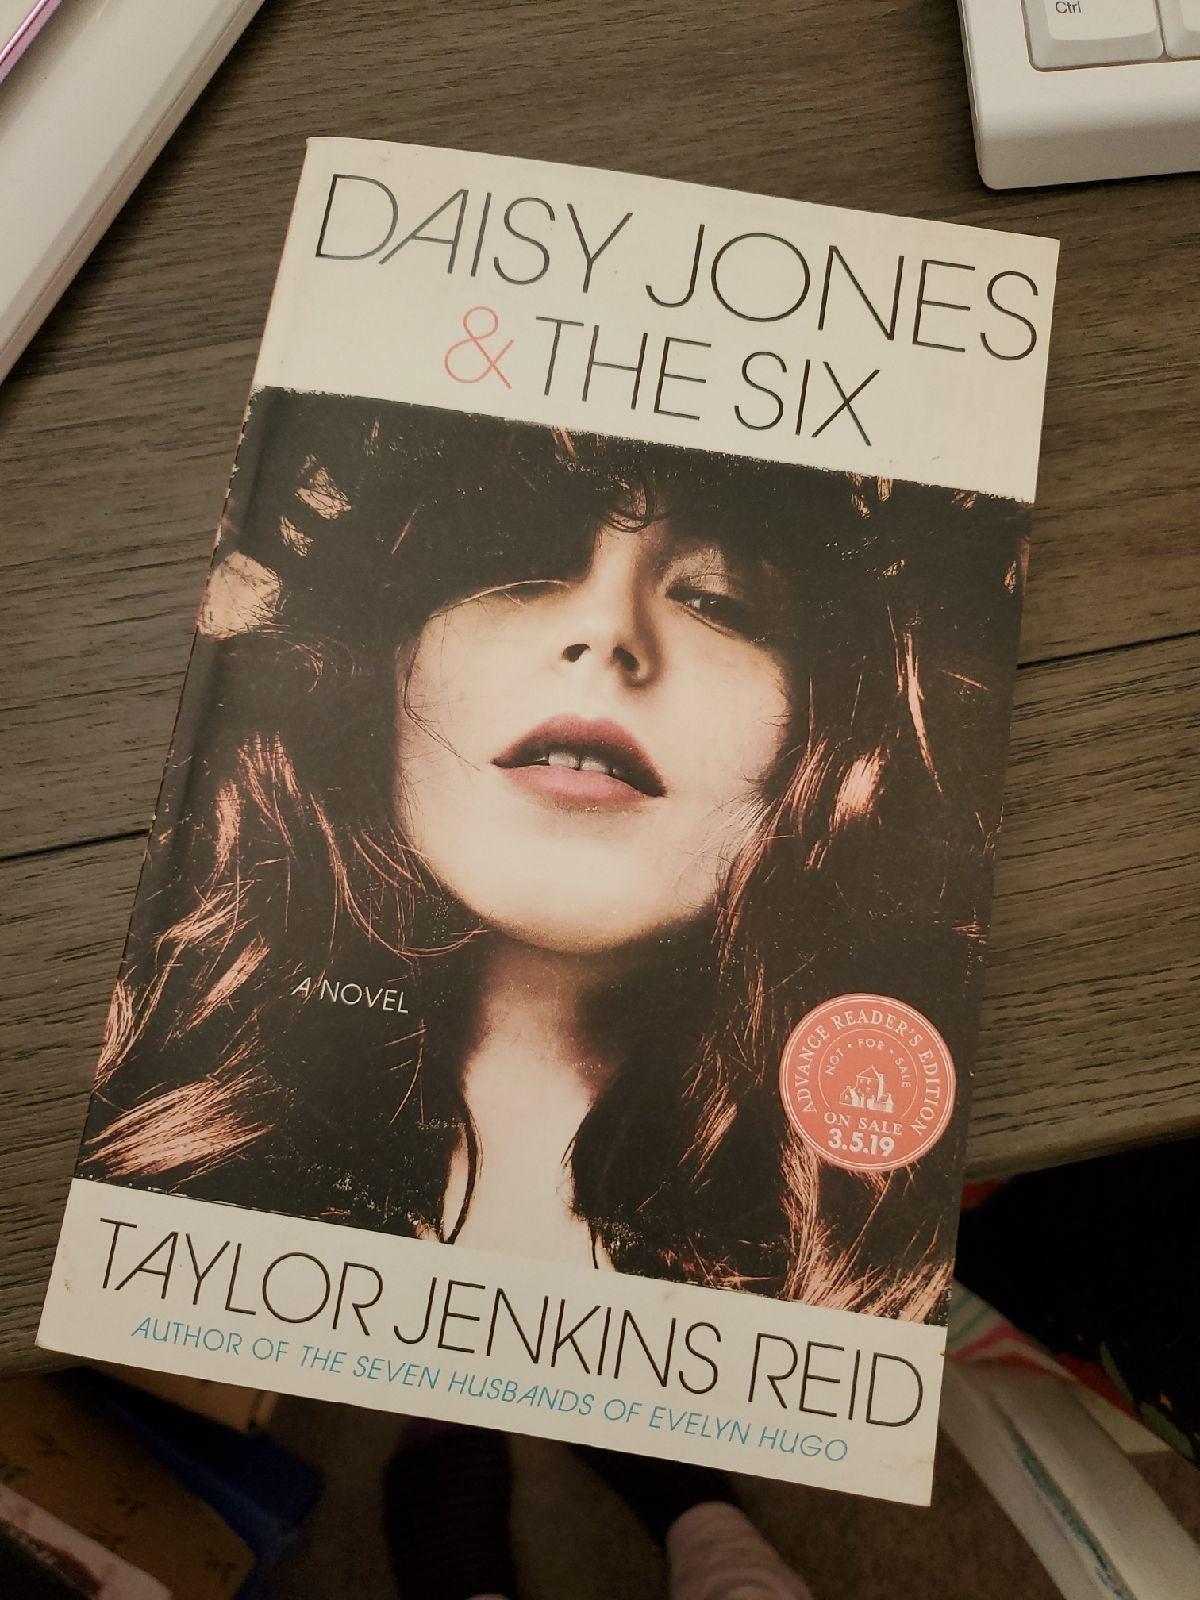 Daisy Jones and the Six ARC